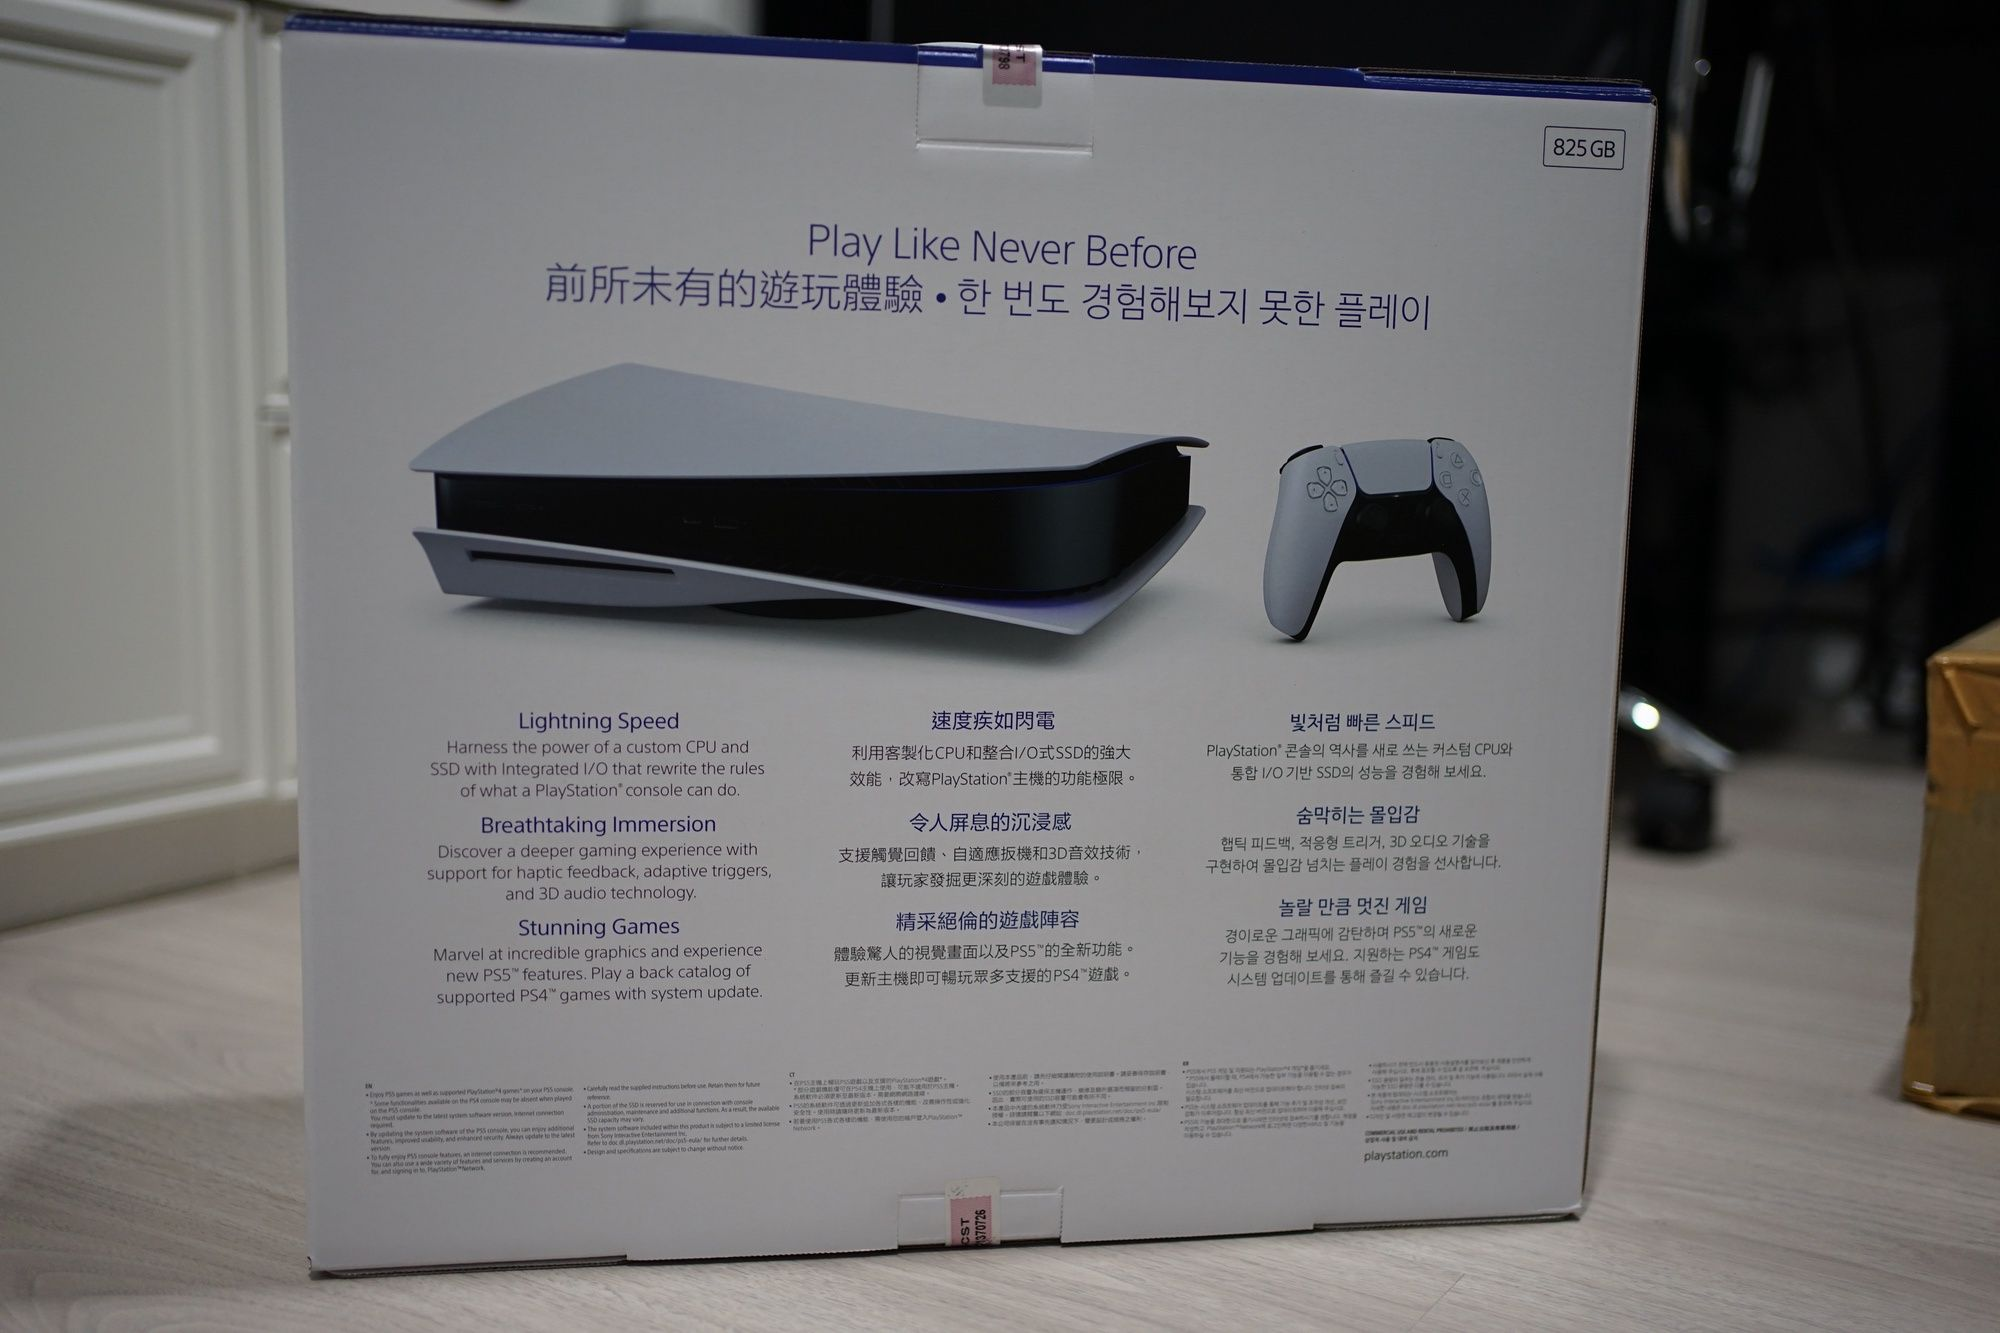 รีวิว Playstation 5 (PS5) และ Sony X90H